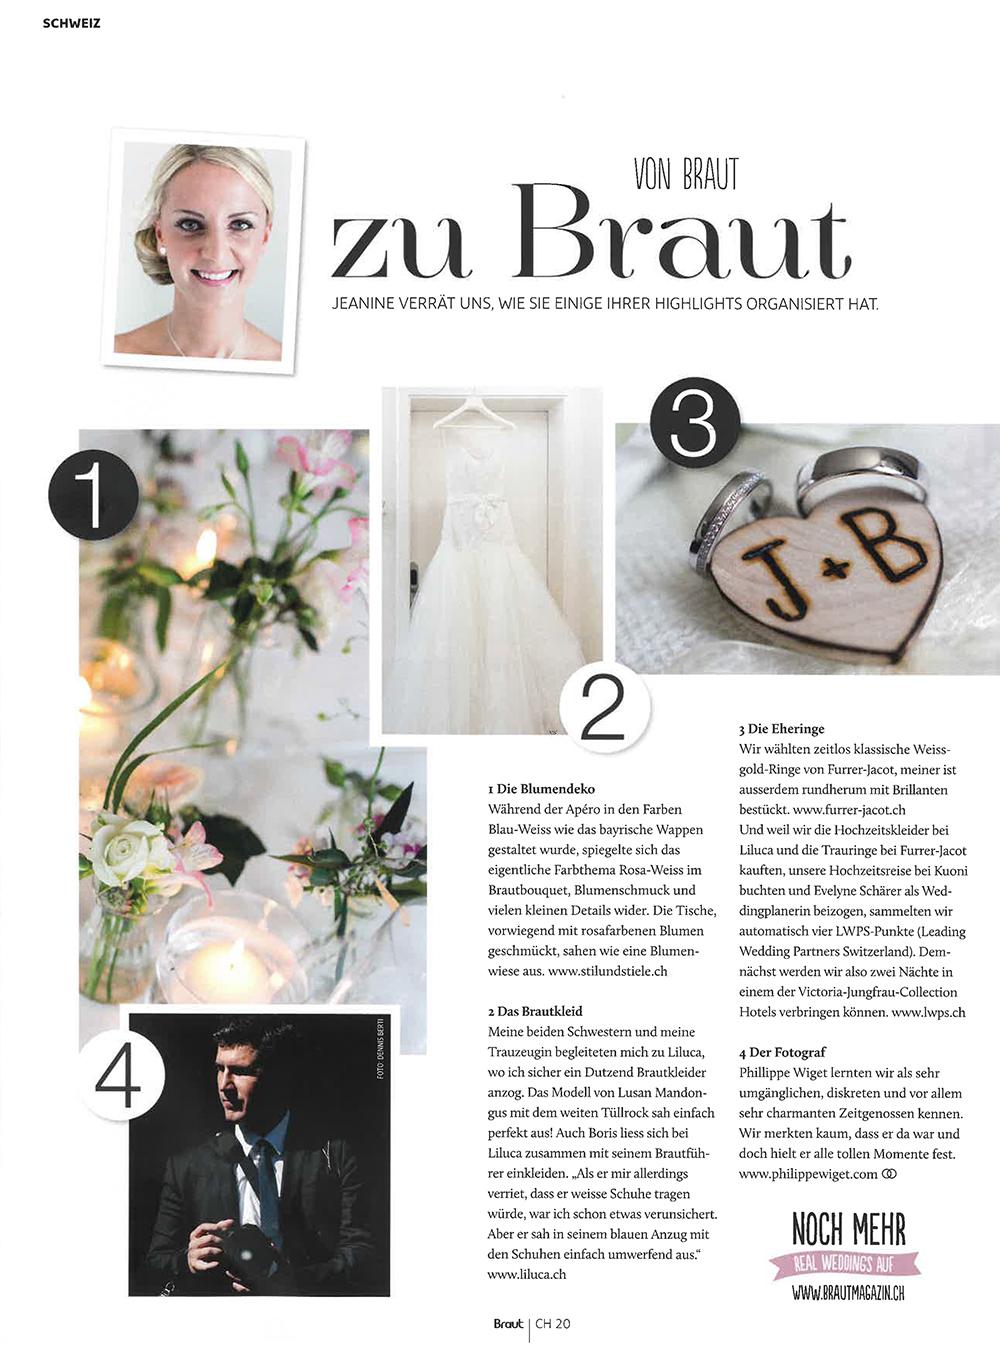 Bayrische-Hochzeit_yourperfectday-2014-3-1